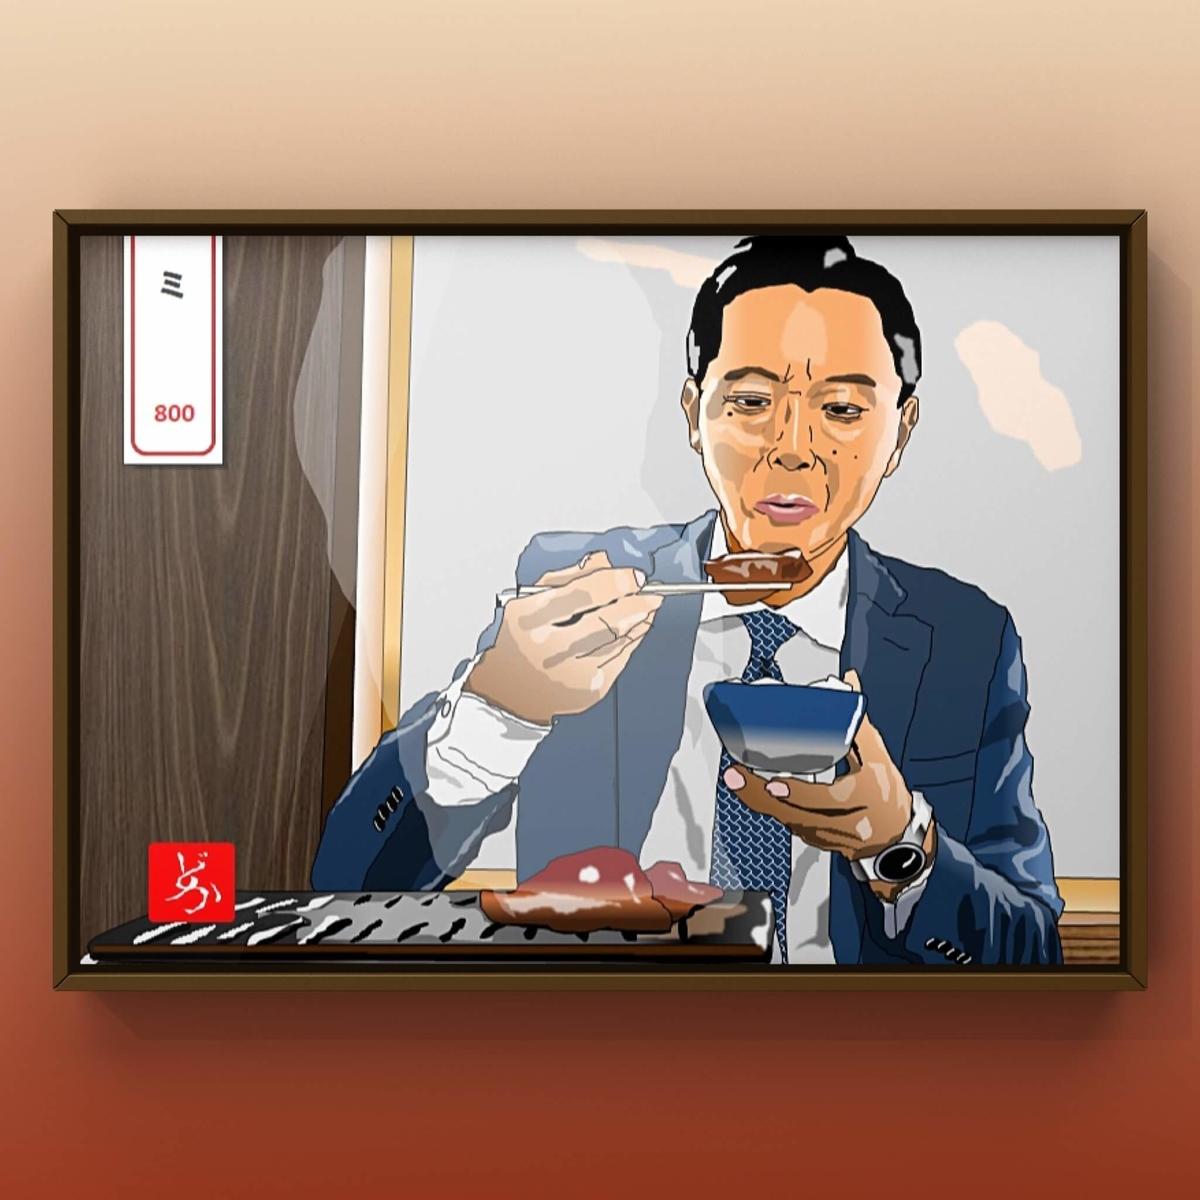 孤独のグルメ、井之頭五郎の一人焼肉のエクセル画イラスト額装版